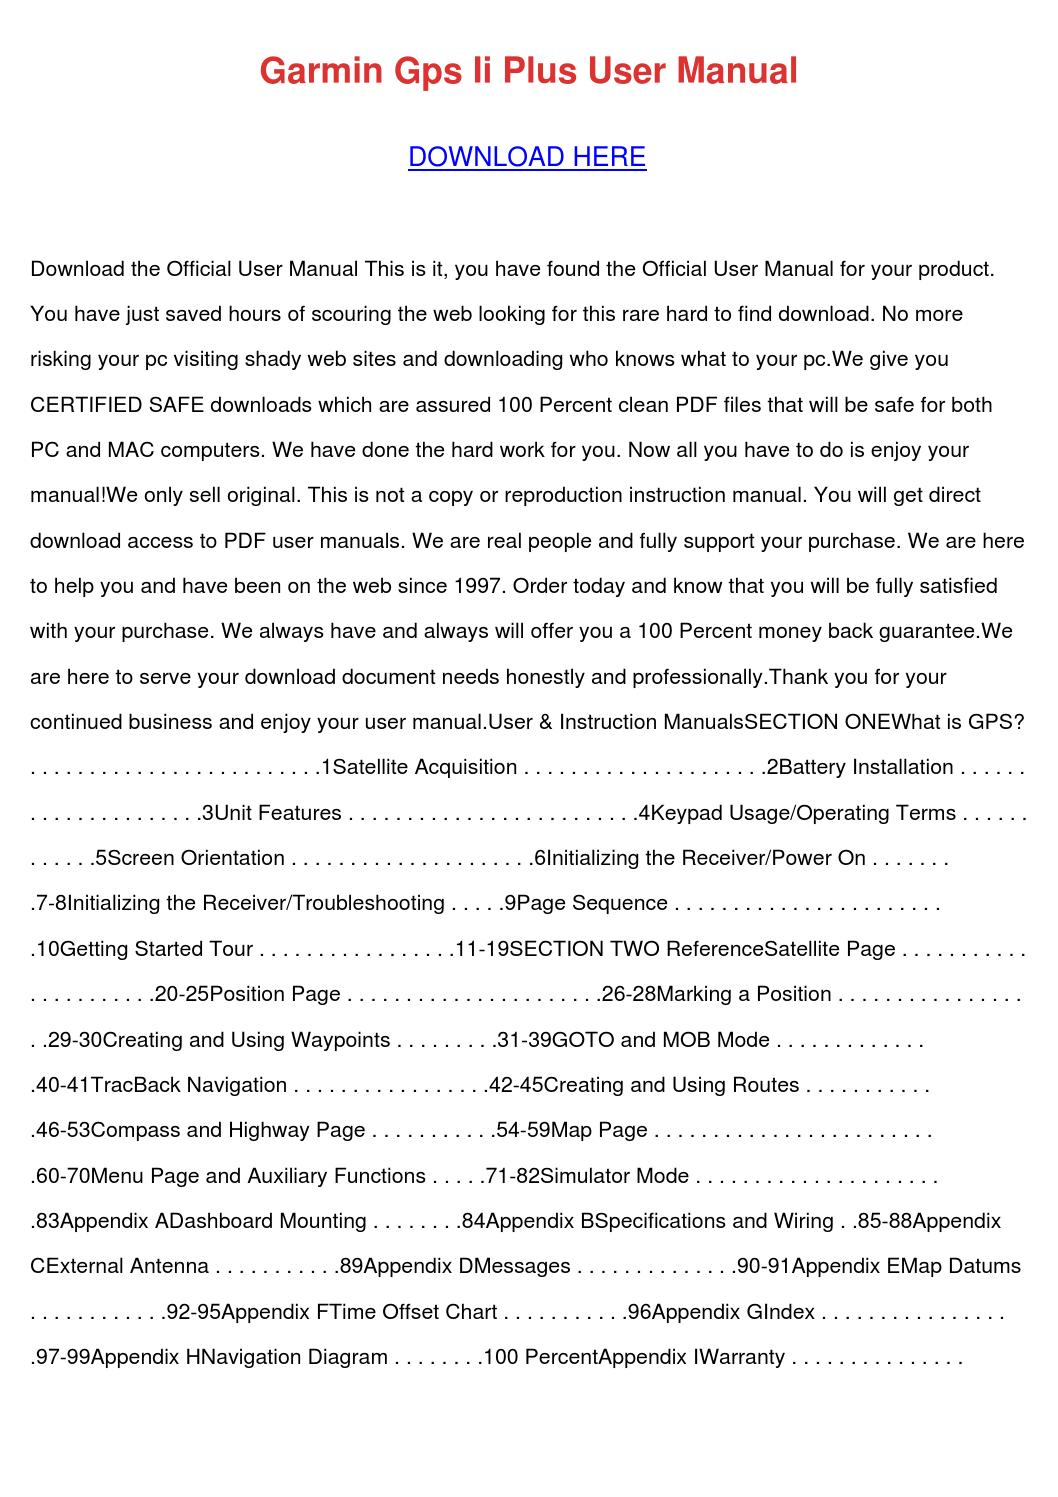 garmin gps ii plus manual pdf